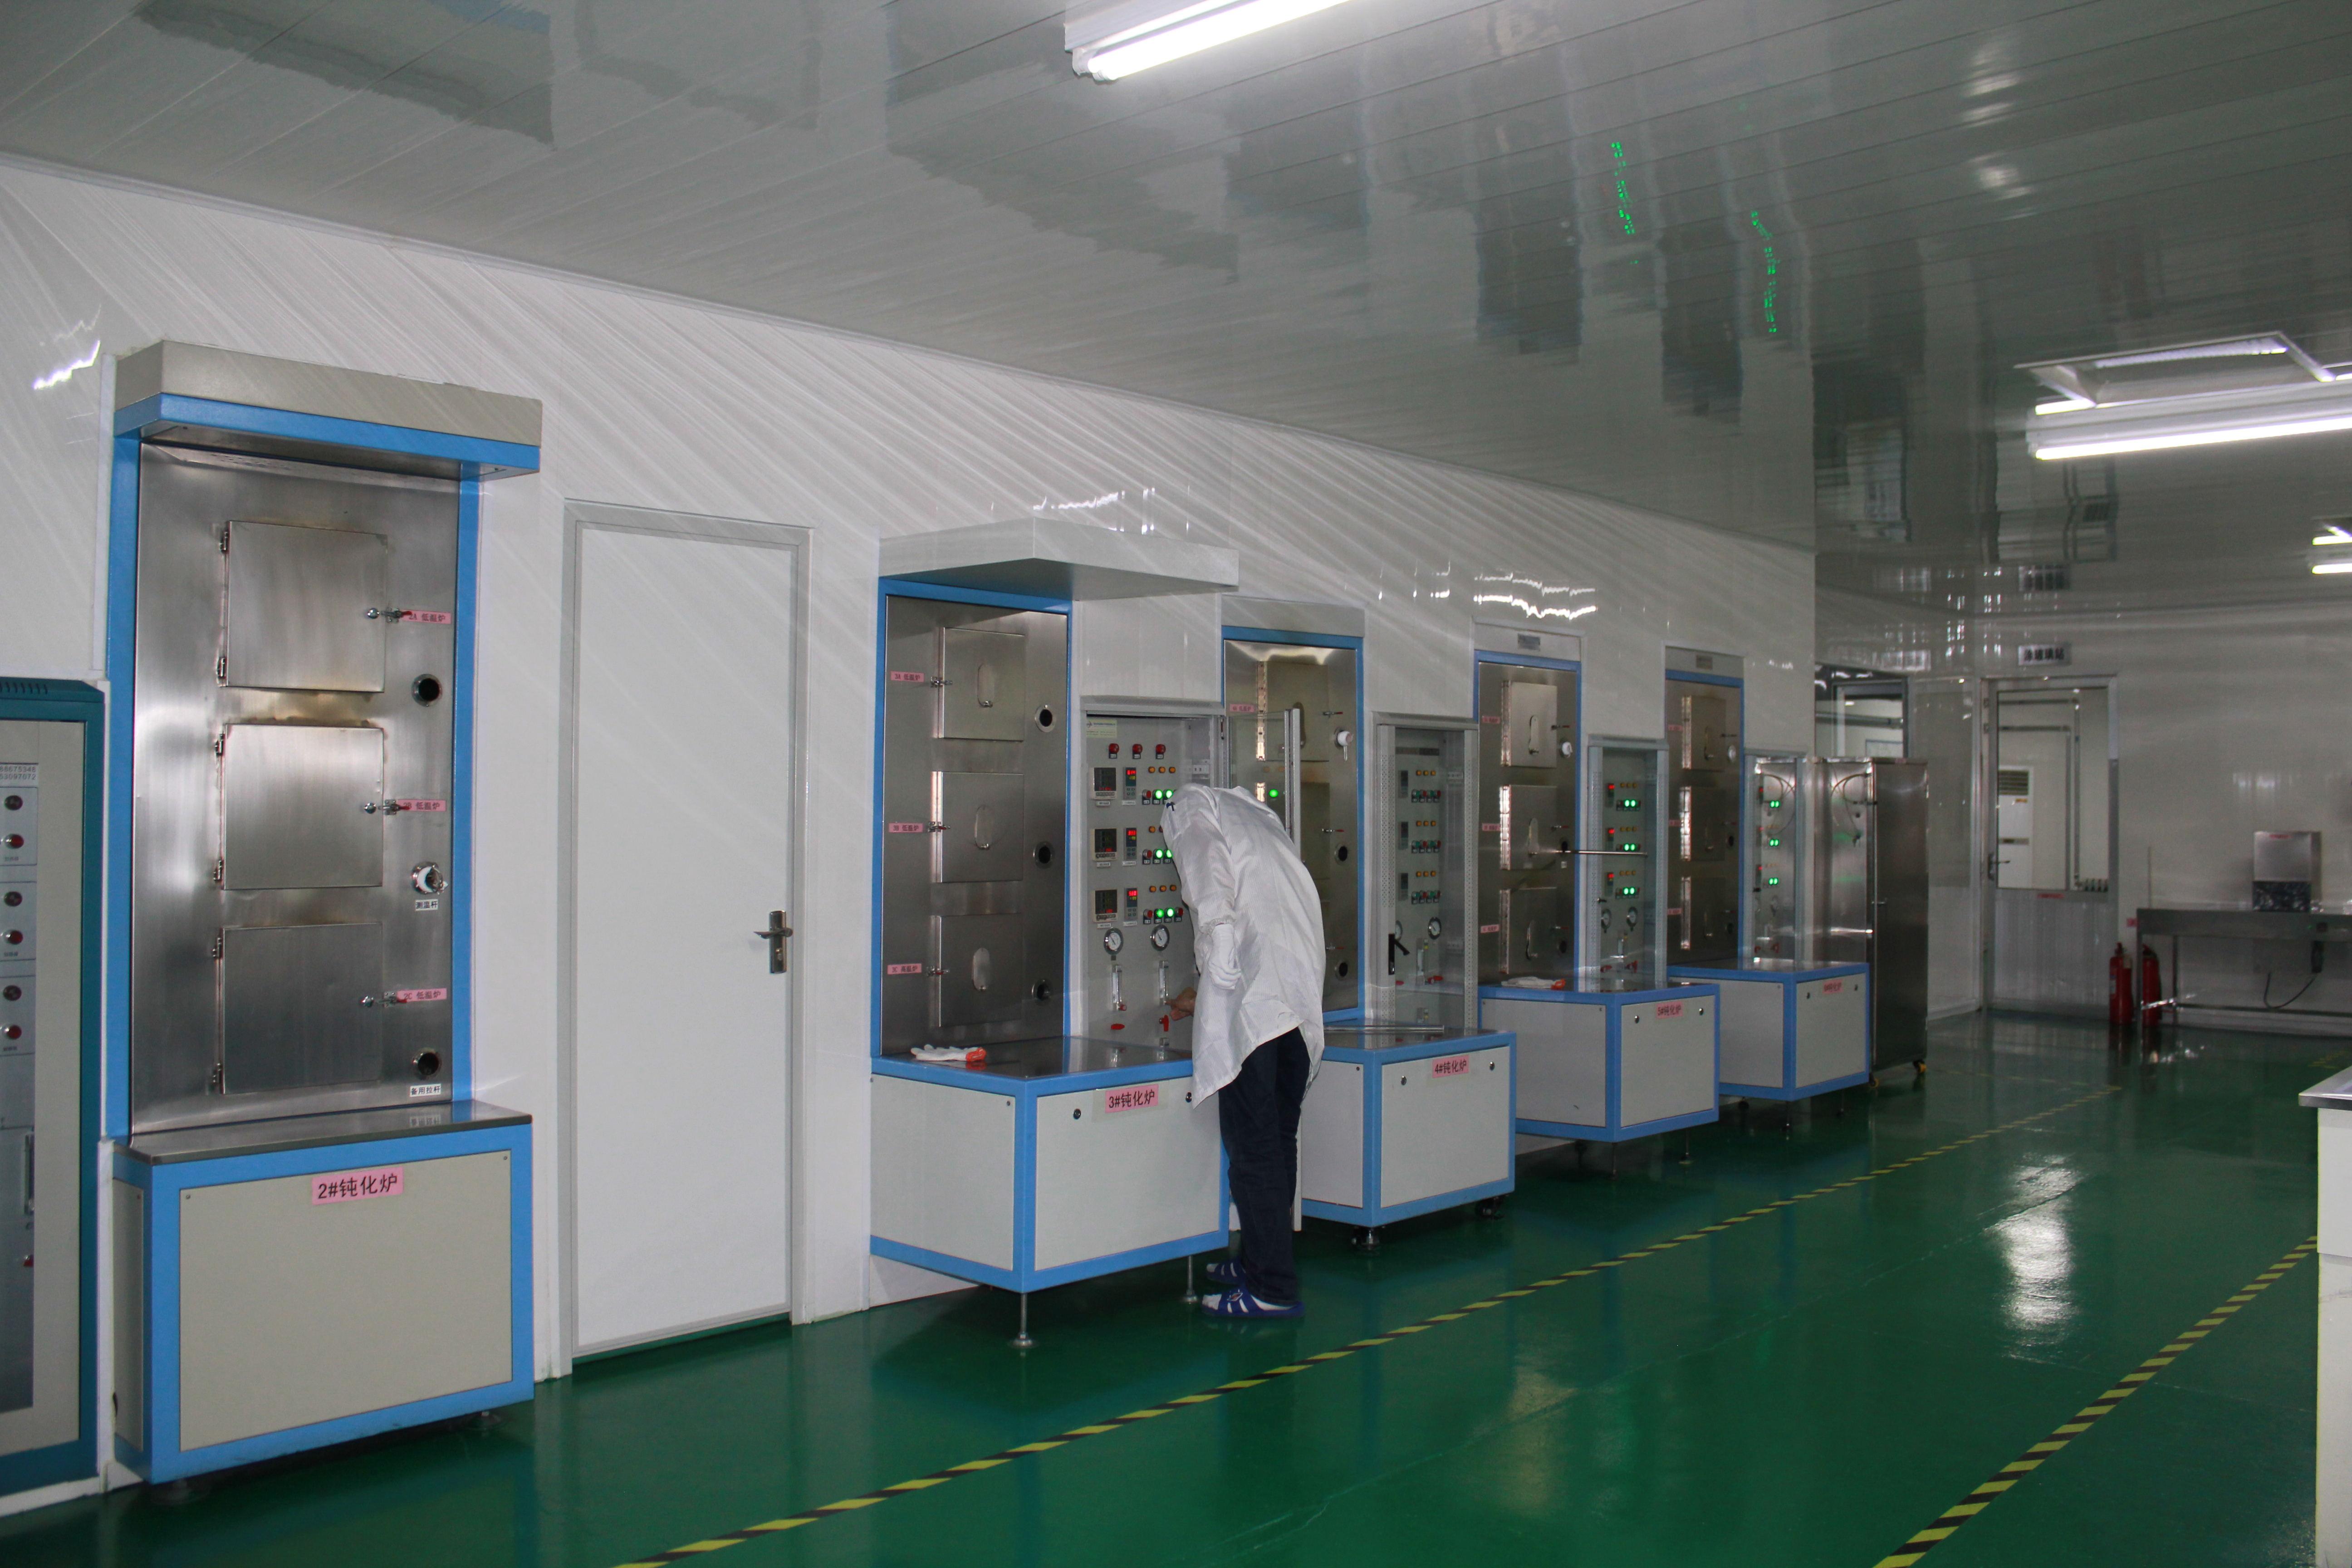 压力变送器生产厂家_GPP芯片生产厂家|二极管芯片-济南兰星电子有限公司